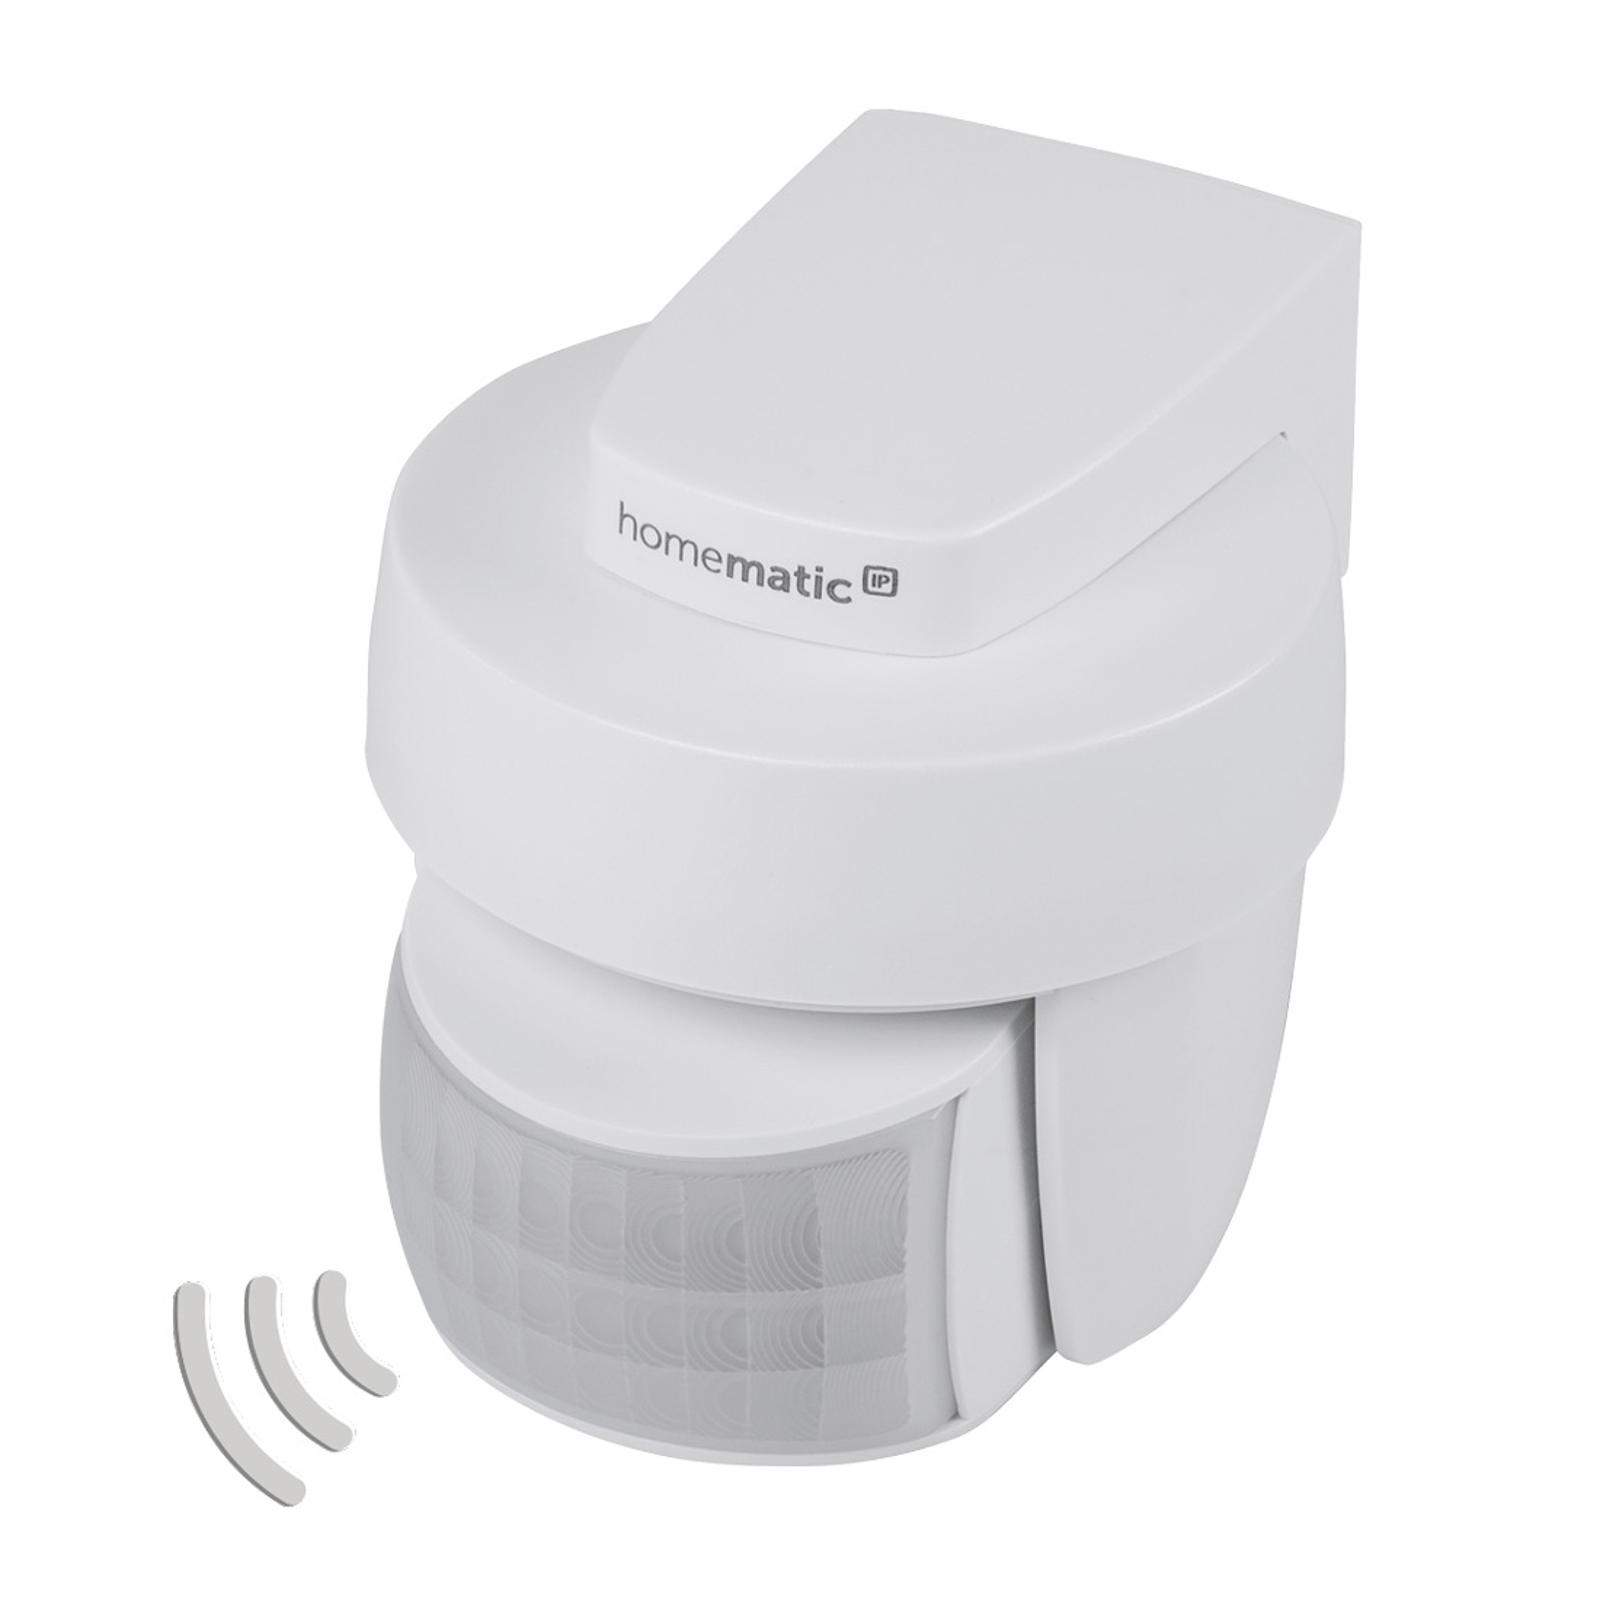 Homematic IP bevegelses-/skumringssensor, hvit